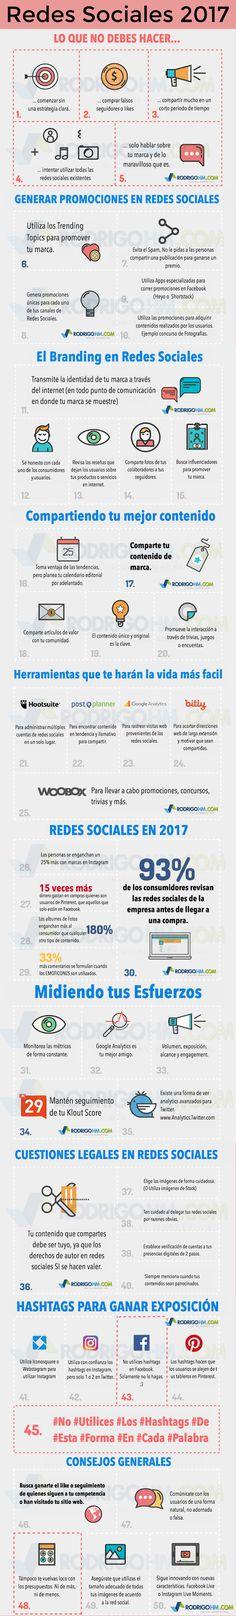 Edad de los usuarios de Redes Sociales #Infografia #Infographic #SocialMedia